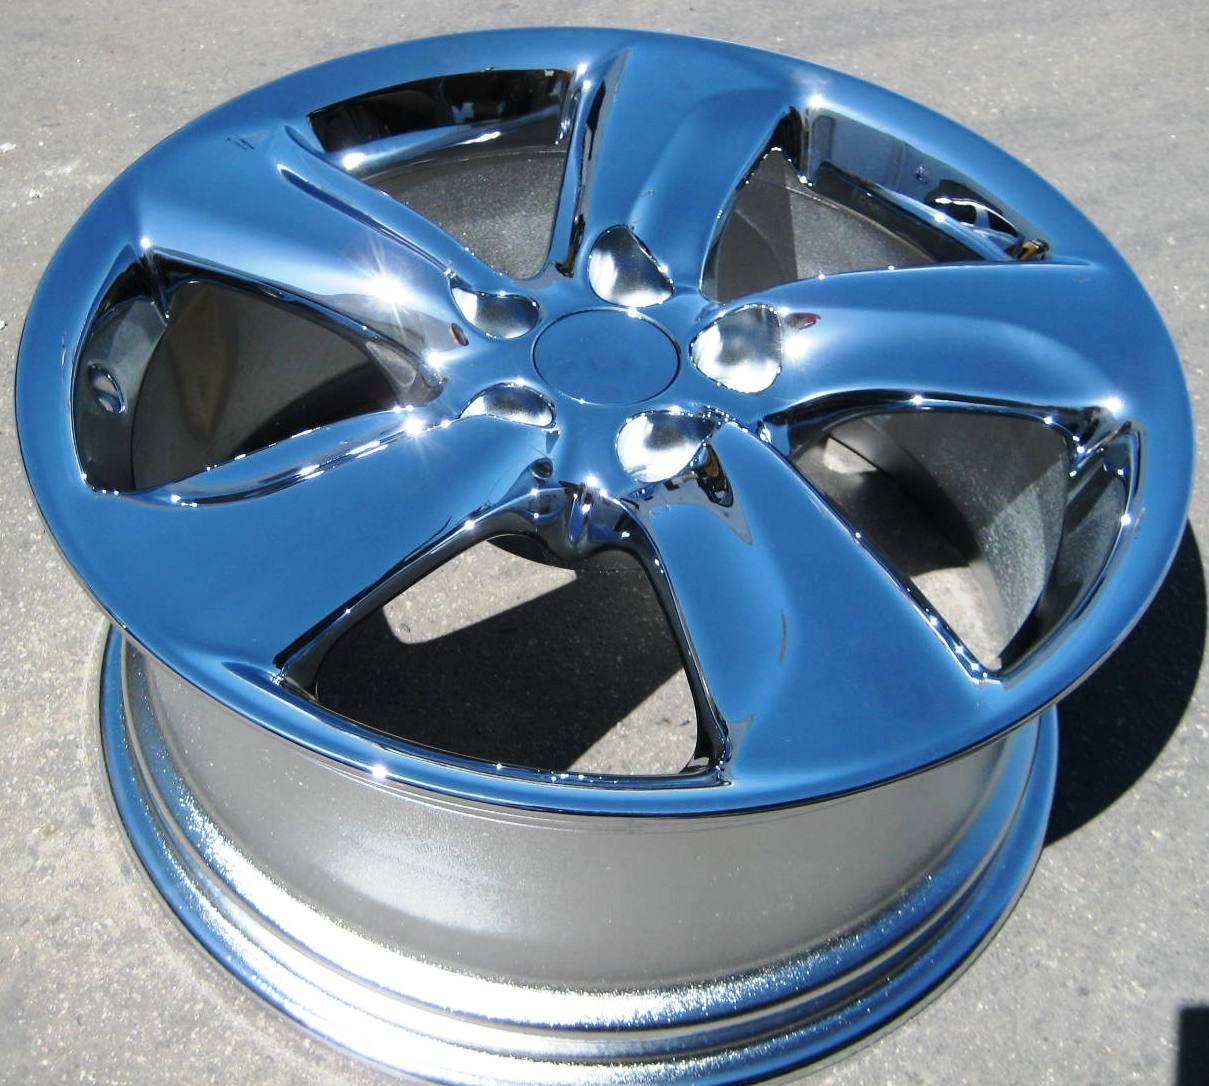 NEW 18 FACTORY LEXUS GS430 GS350 GS460 GS300 LS430 CHROME WHEELS RIMS